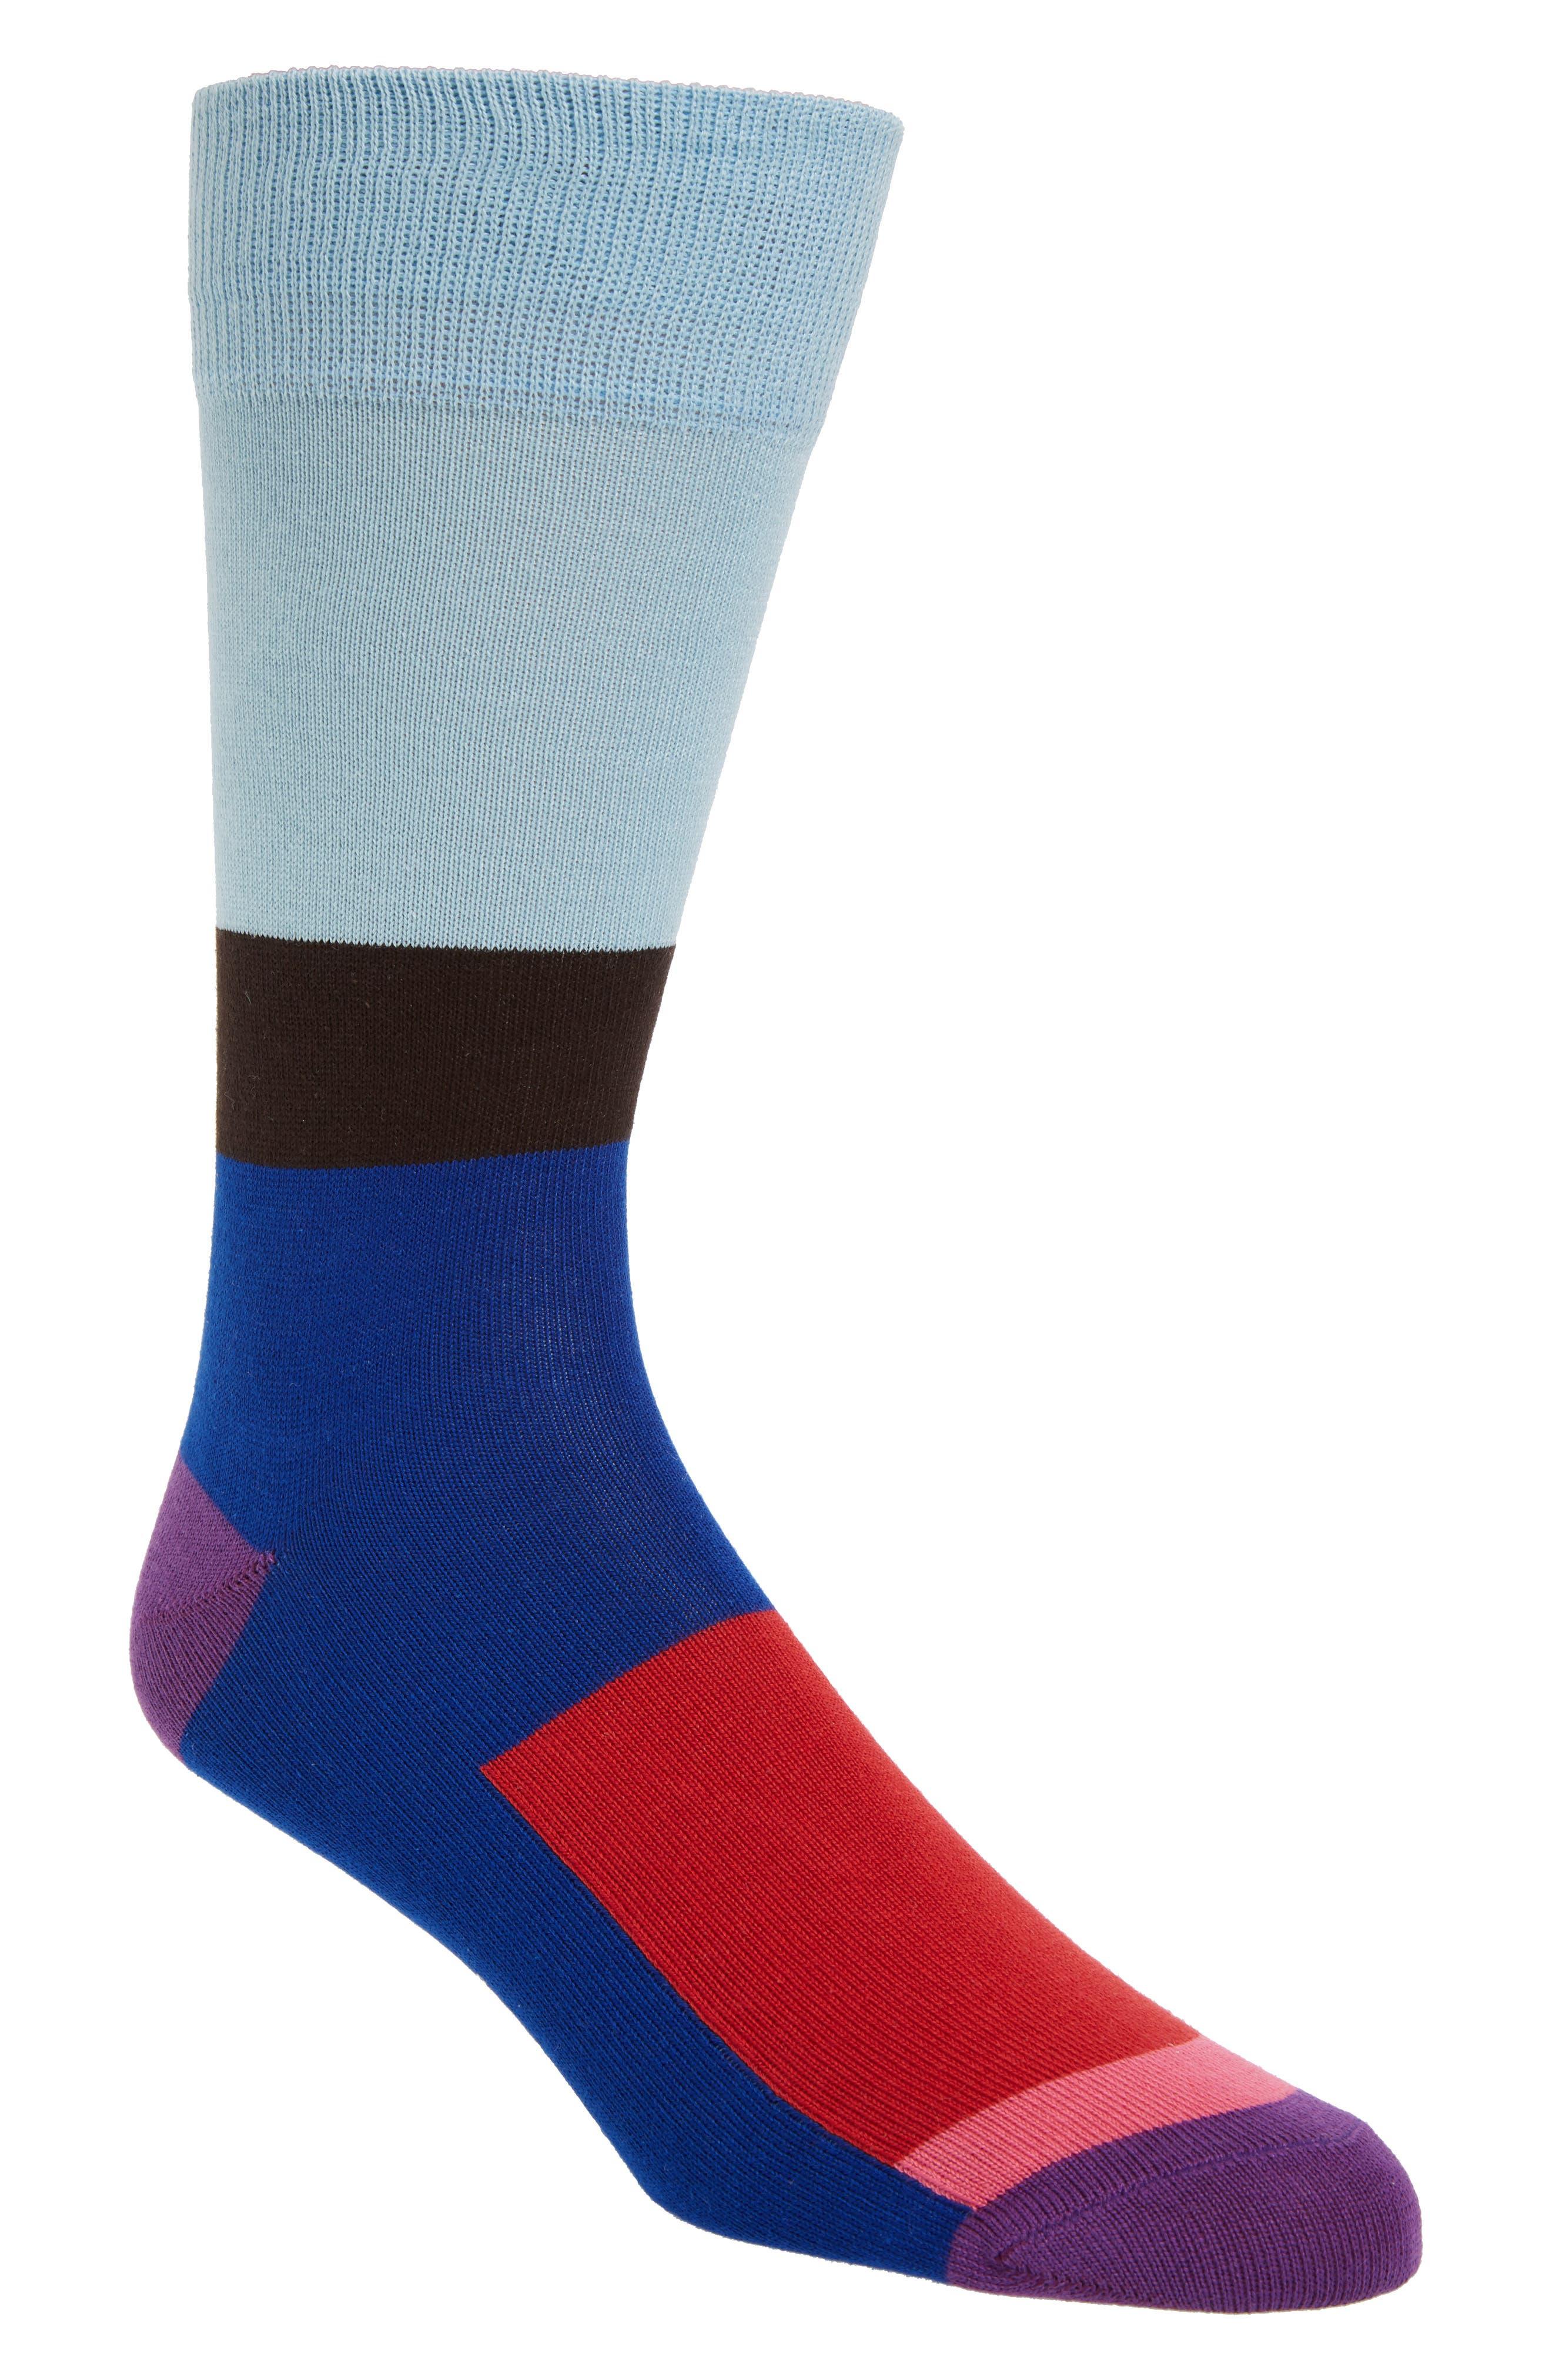 Paul Smith Go-Go Socks